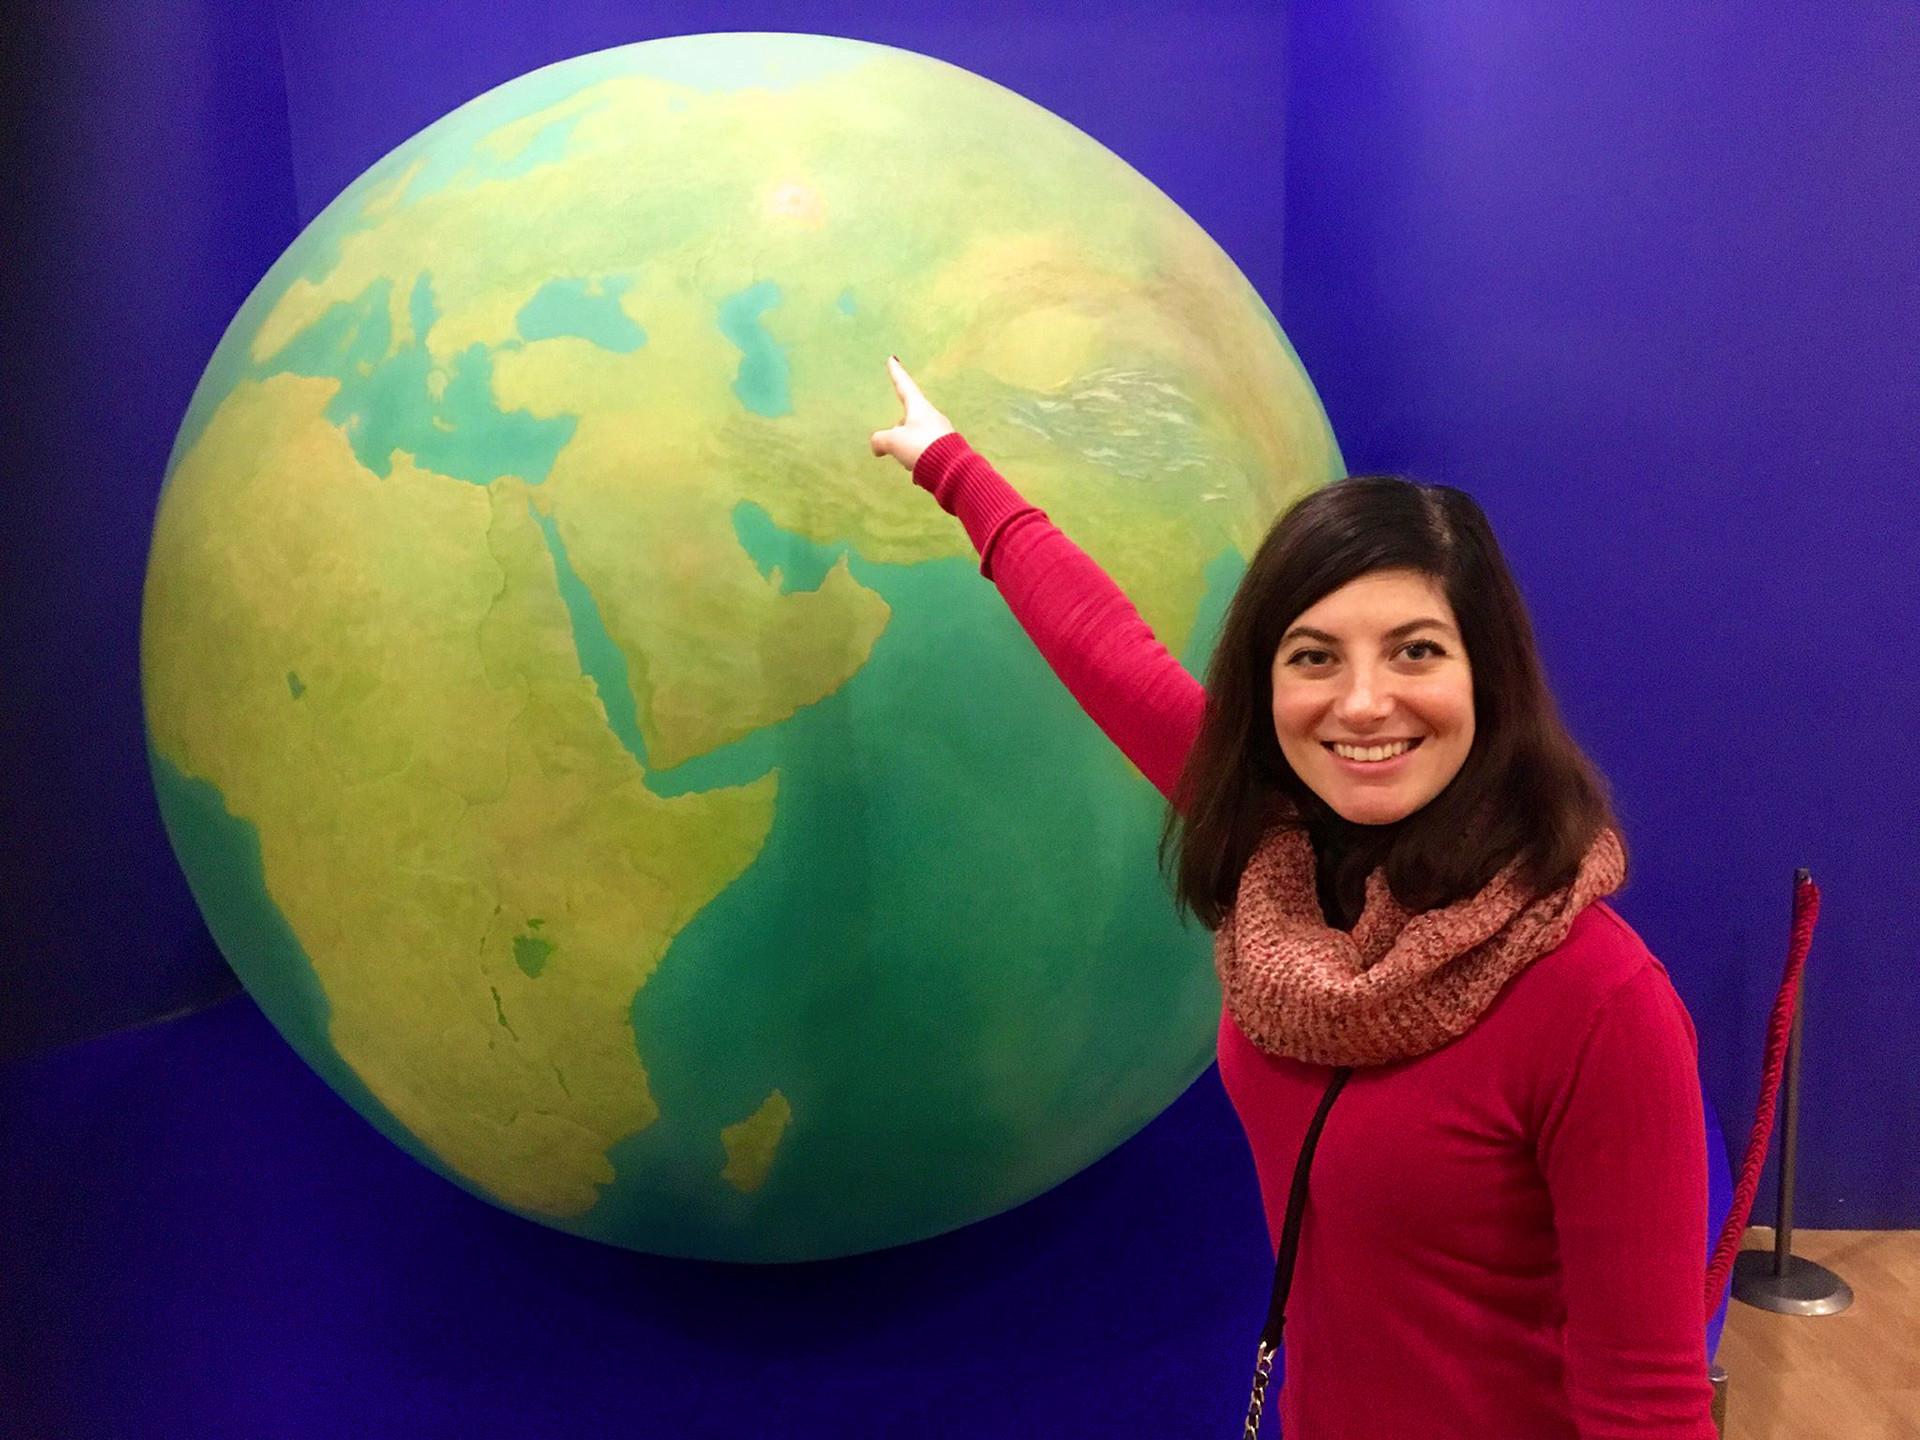 Francesca Loche iz Cagliarija u Italiji, profesorica na Visokoj školi ekonomije, živi u Moskvi od 2010. godine.